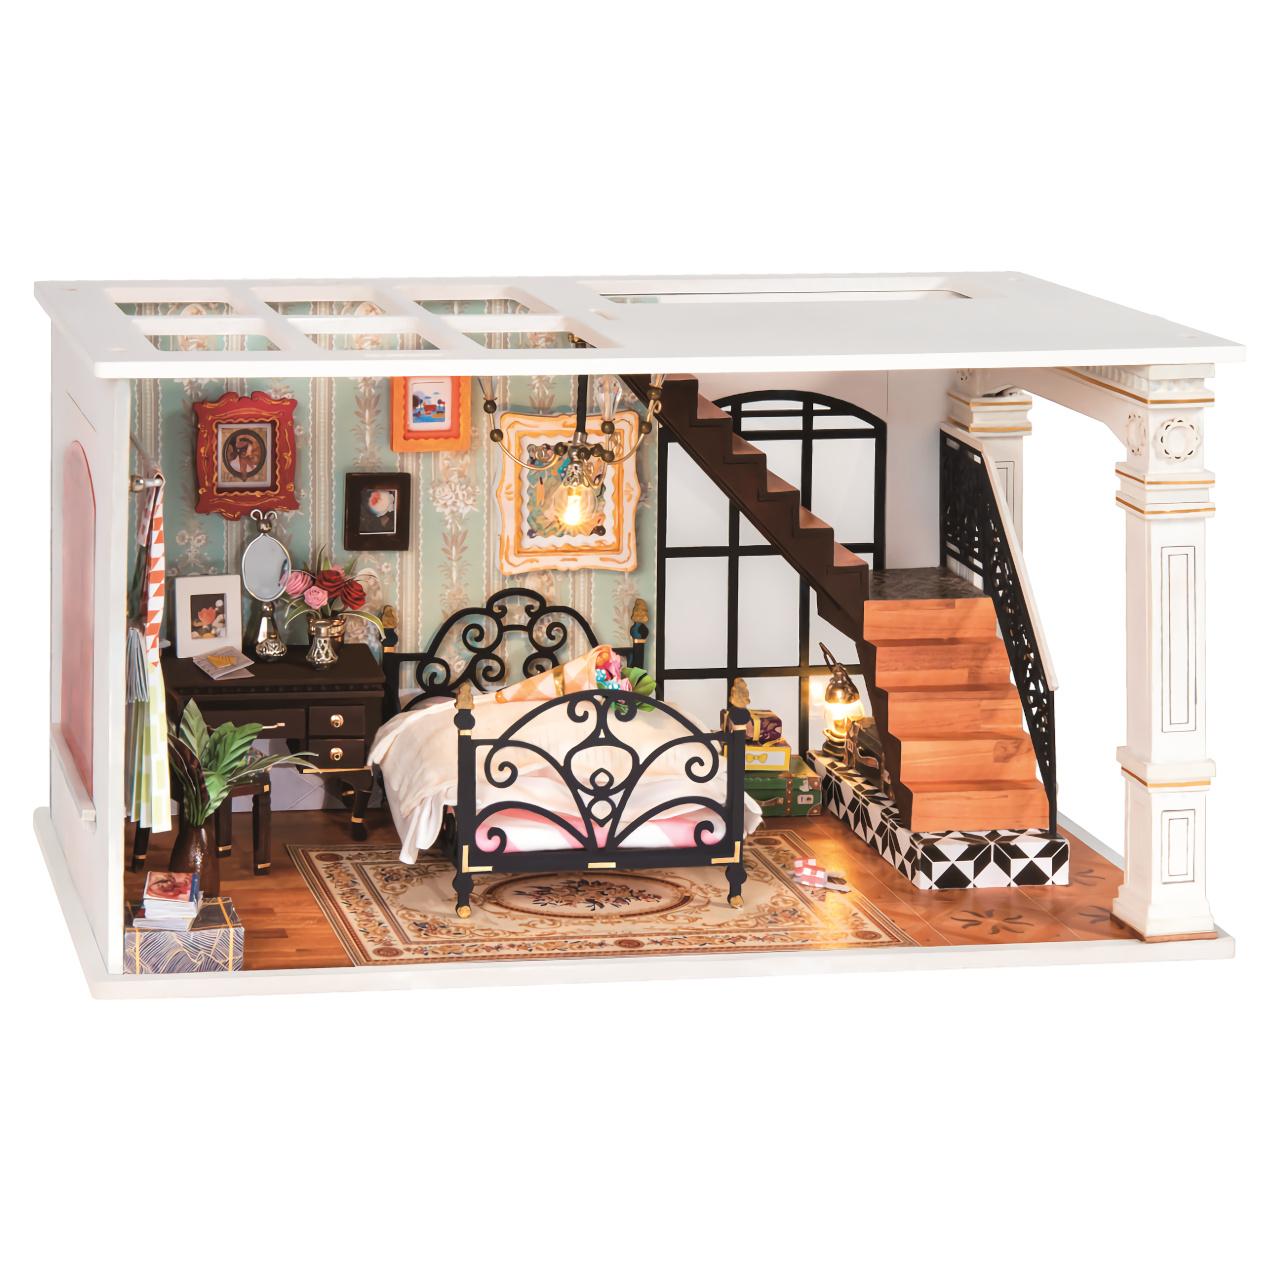 RoboTime miniatura domečku Podkrovní starožitná ložnice